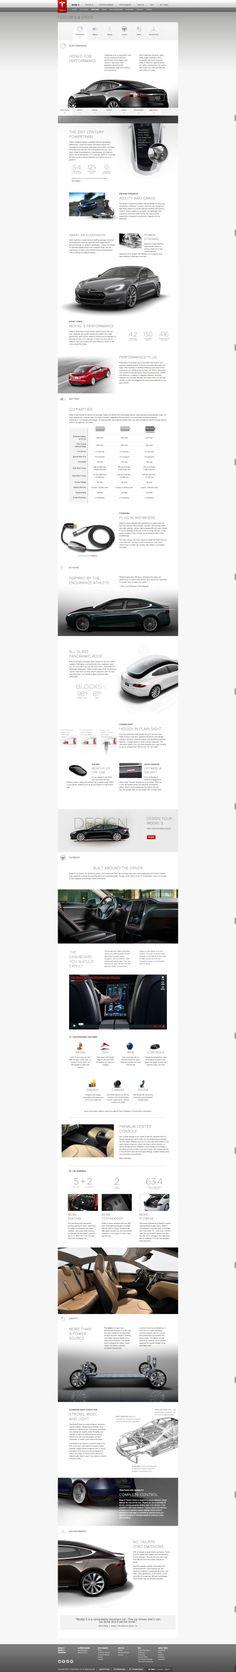 Model S Features Tesla Motors